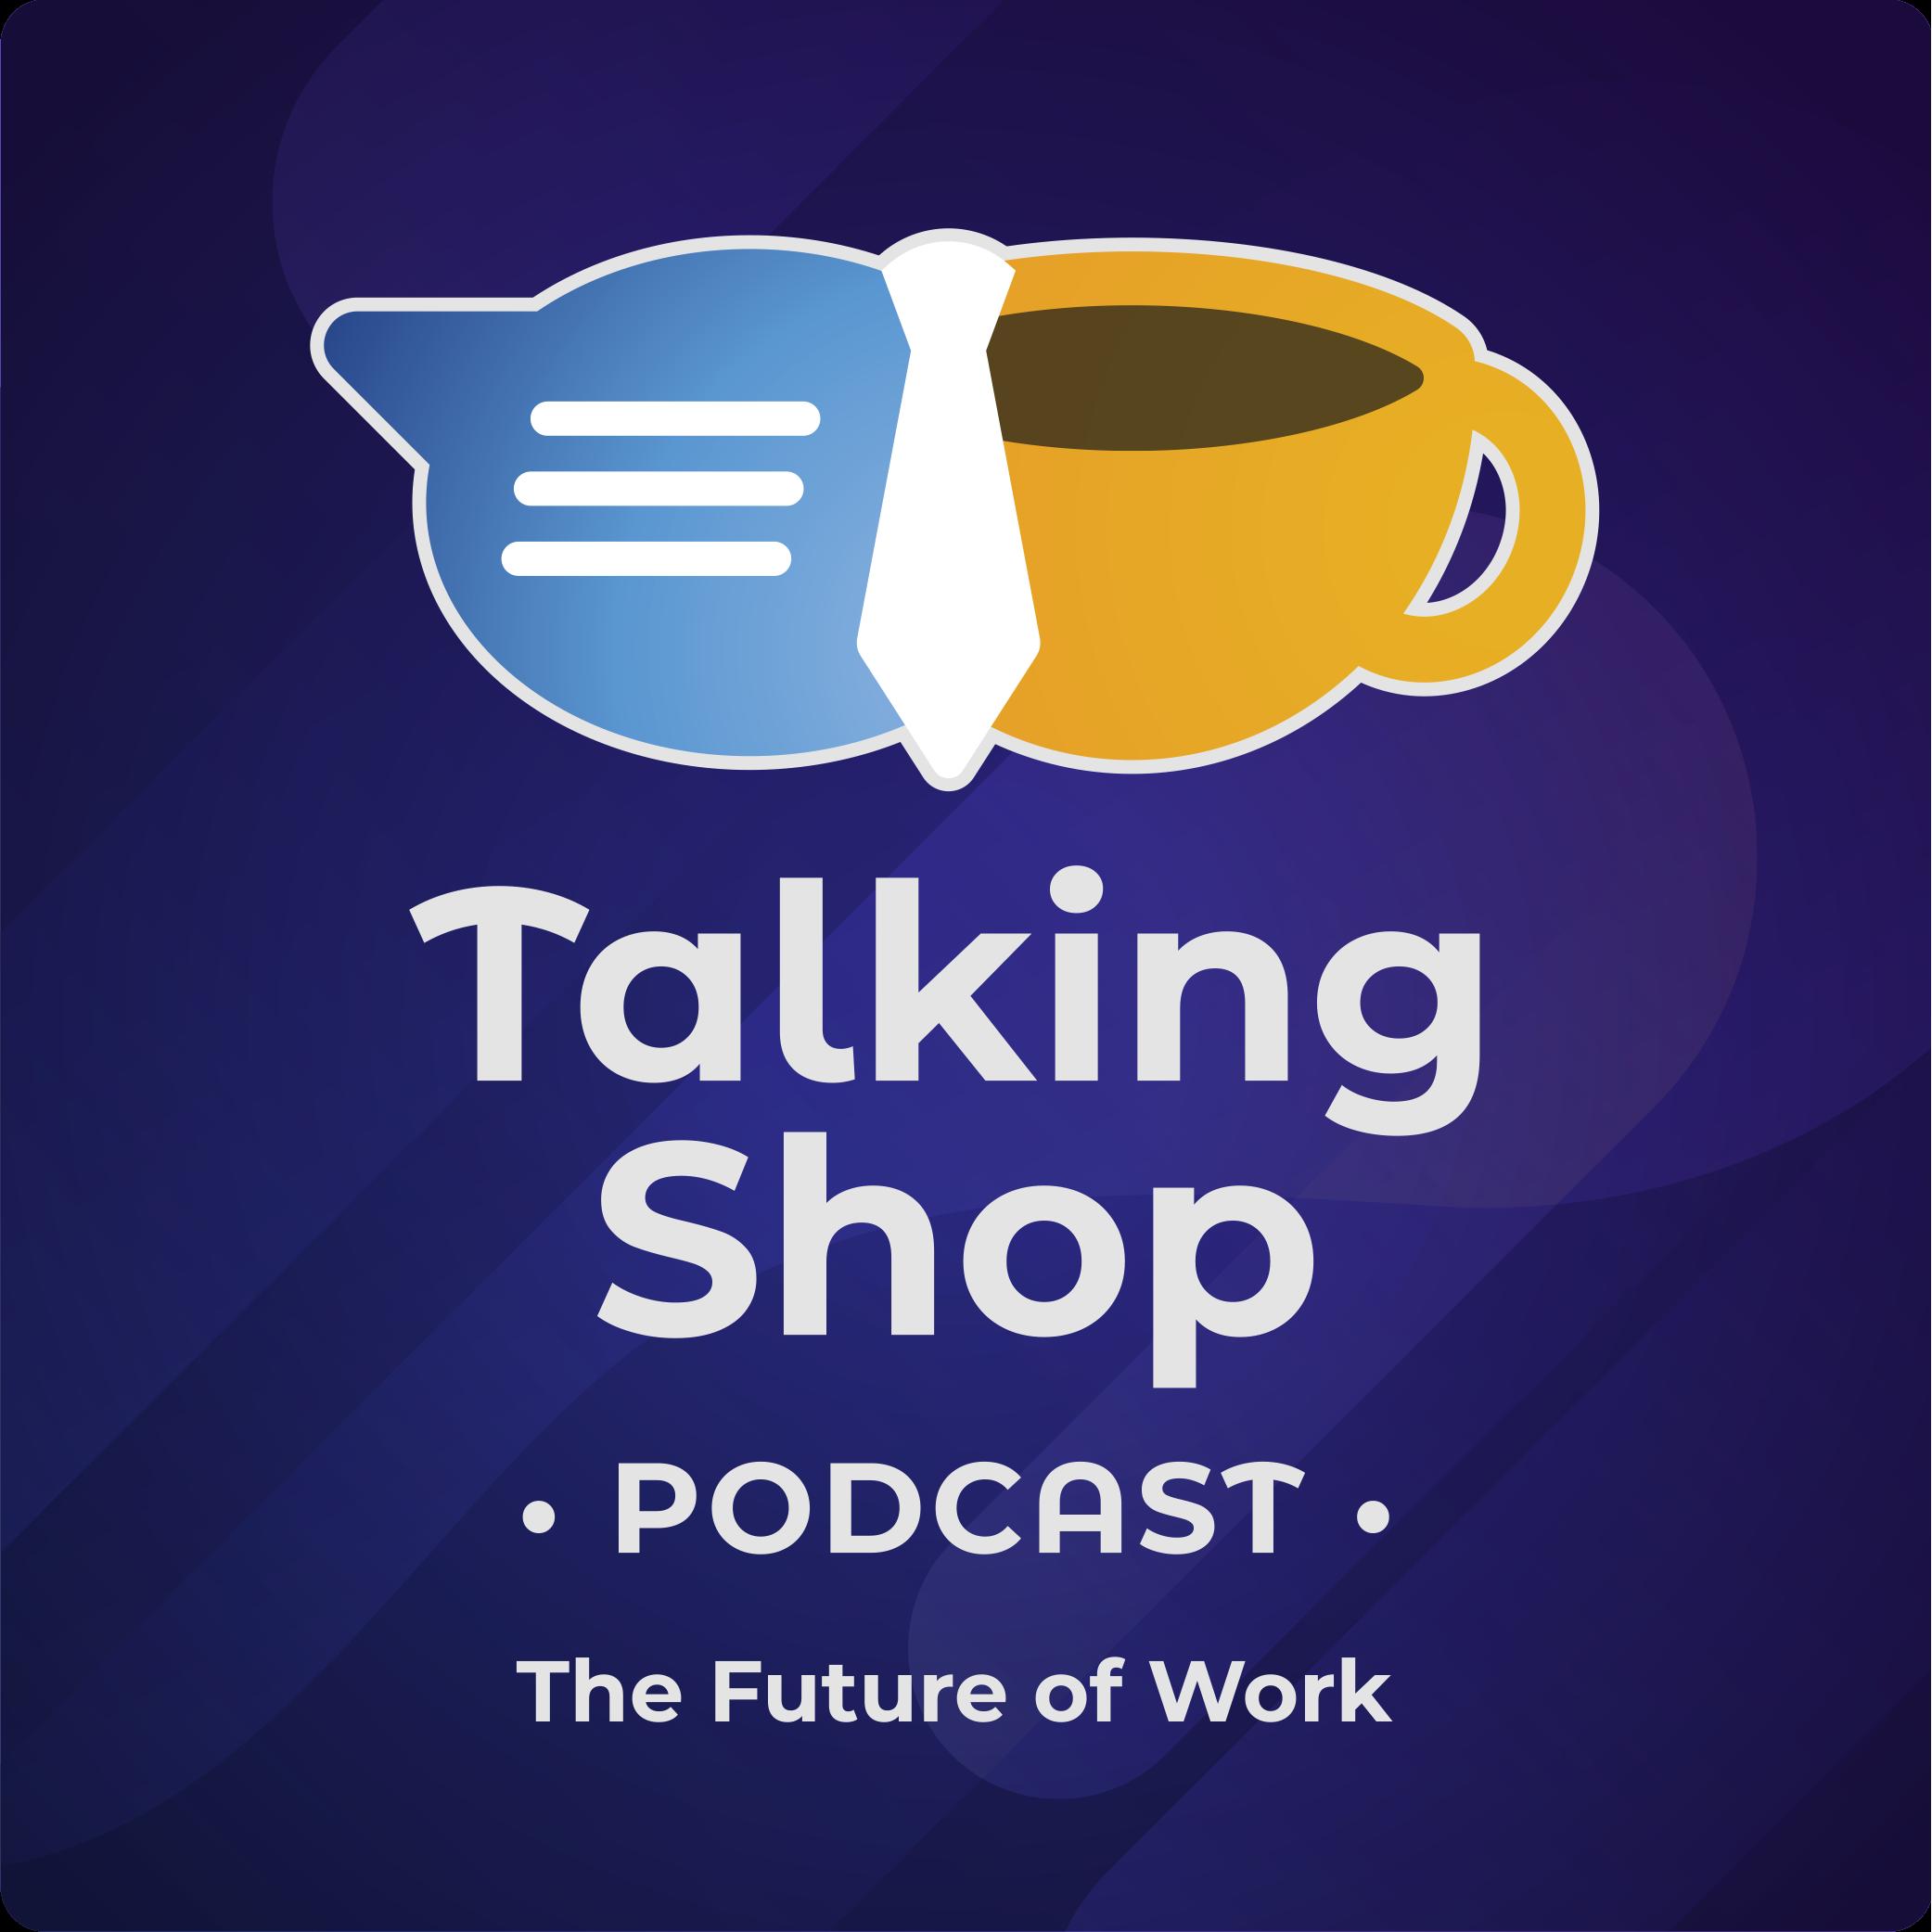 Artwork for podcast Talking Shop Podcast